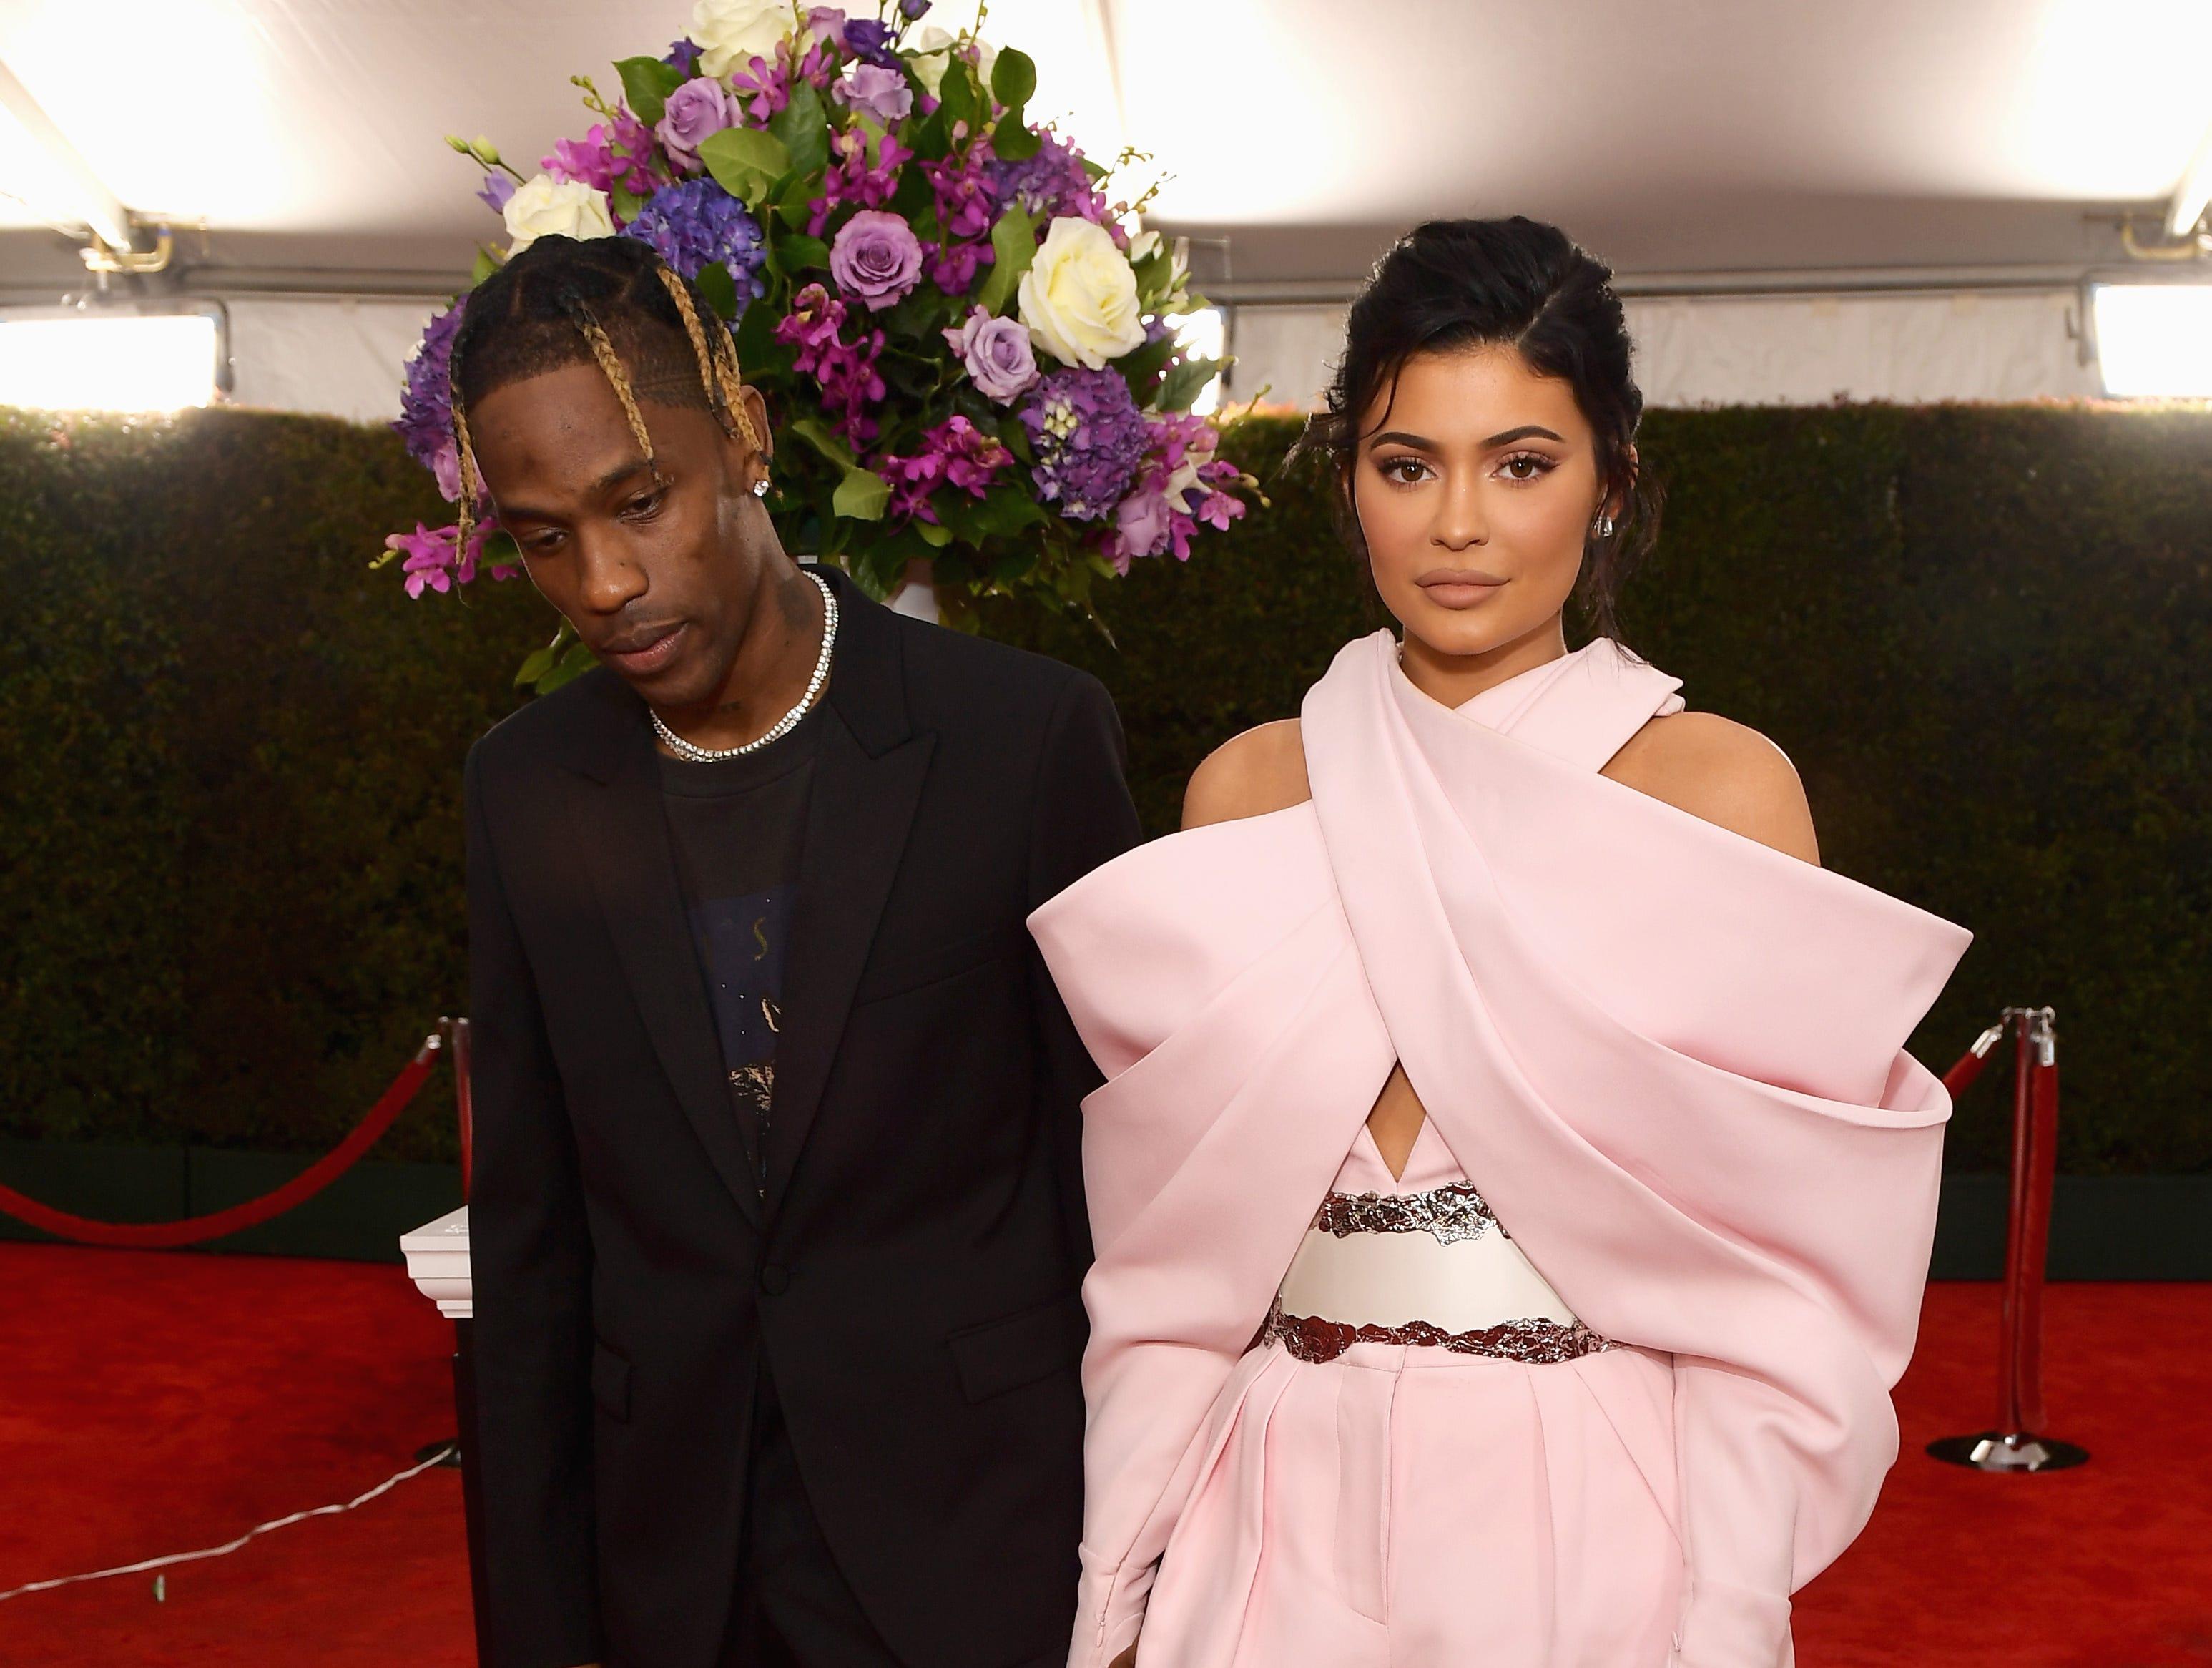 Travis Scott (izq) y Kylie Jenner asisten a la 61ª edición de los premios GRAMMY en el Staples Center el 10 de febrero de 2019 en Los Ángeles, California.